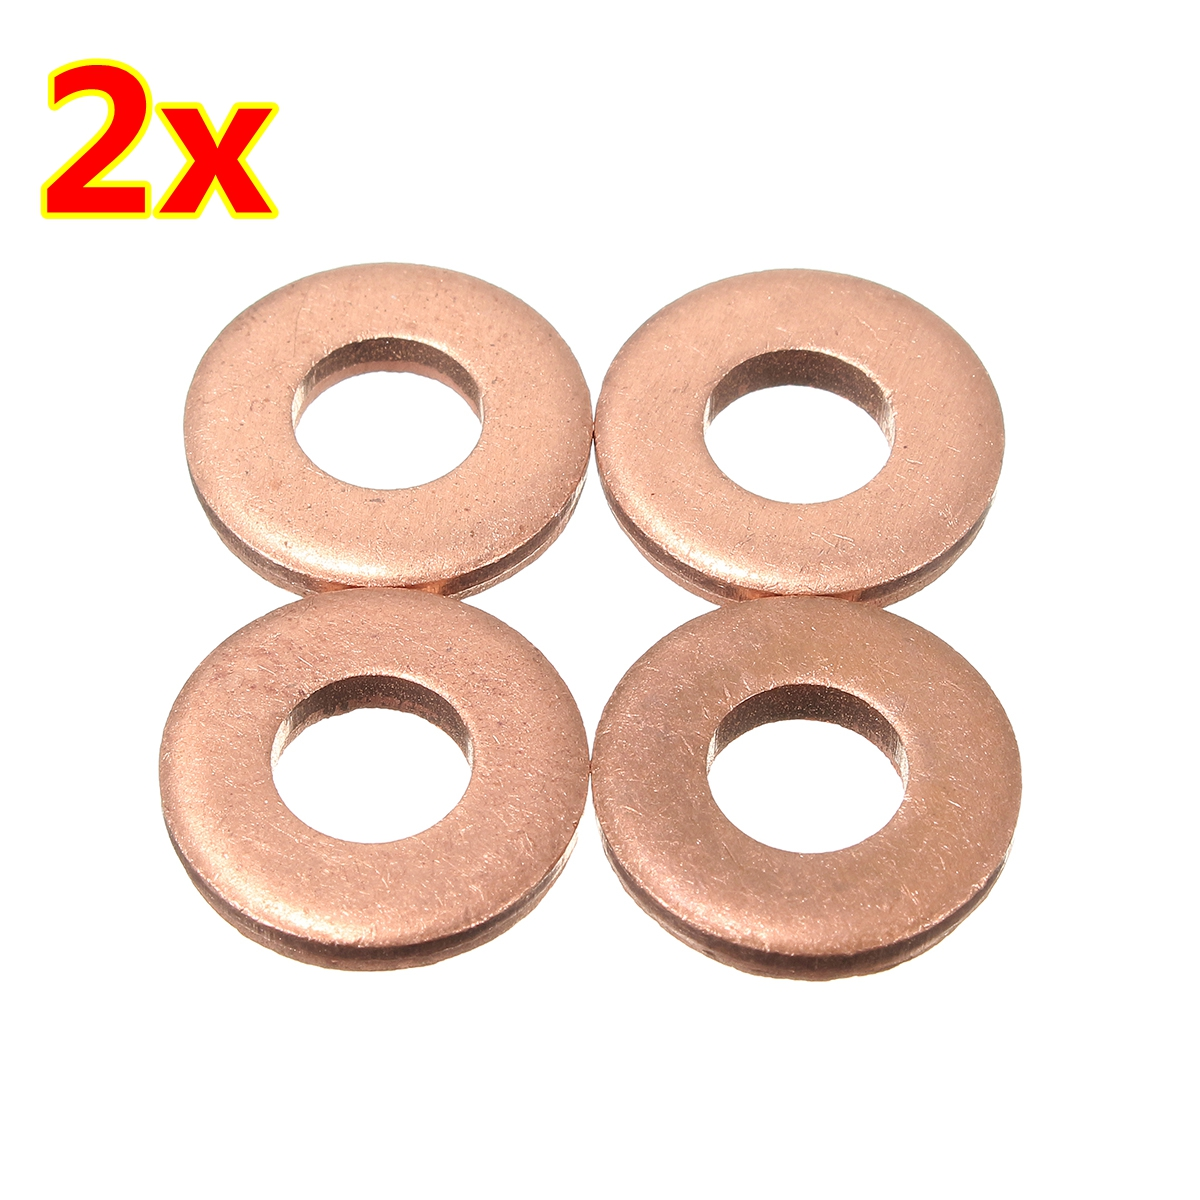 4 ชิ้น/8 ชิ้นหัวฉีดทองแดงเครื่องซักผ้าซีล O - Ring สำหรับ Peugeot/Citroen 1.6 HDI - 198173